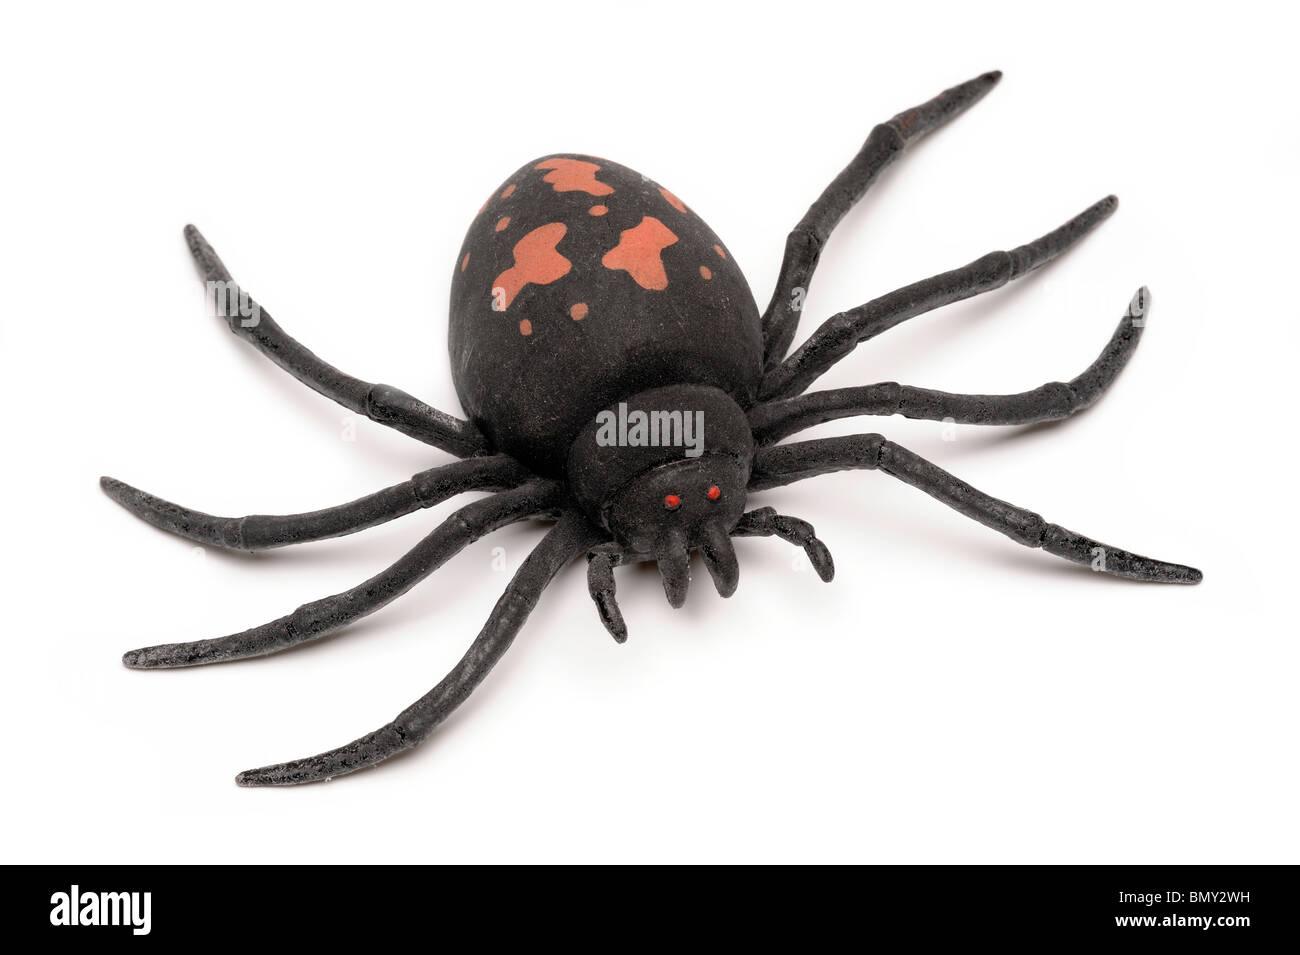 Große schwarze Spielzeug Kautschuk Spinne Stockbild